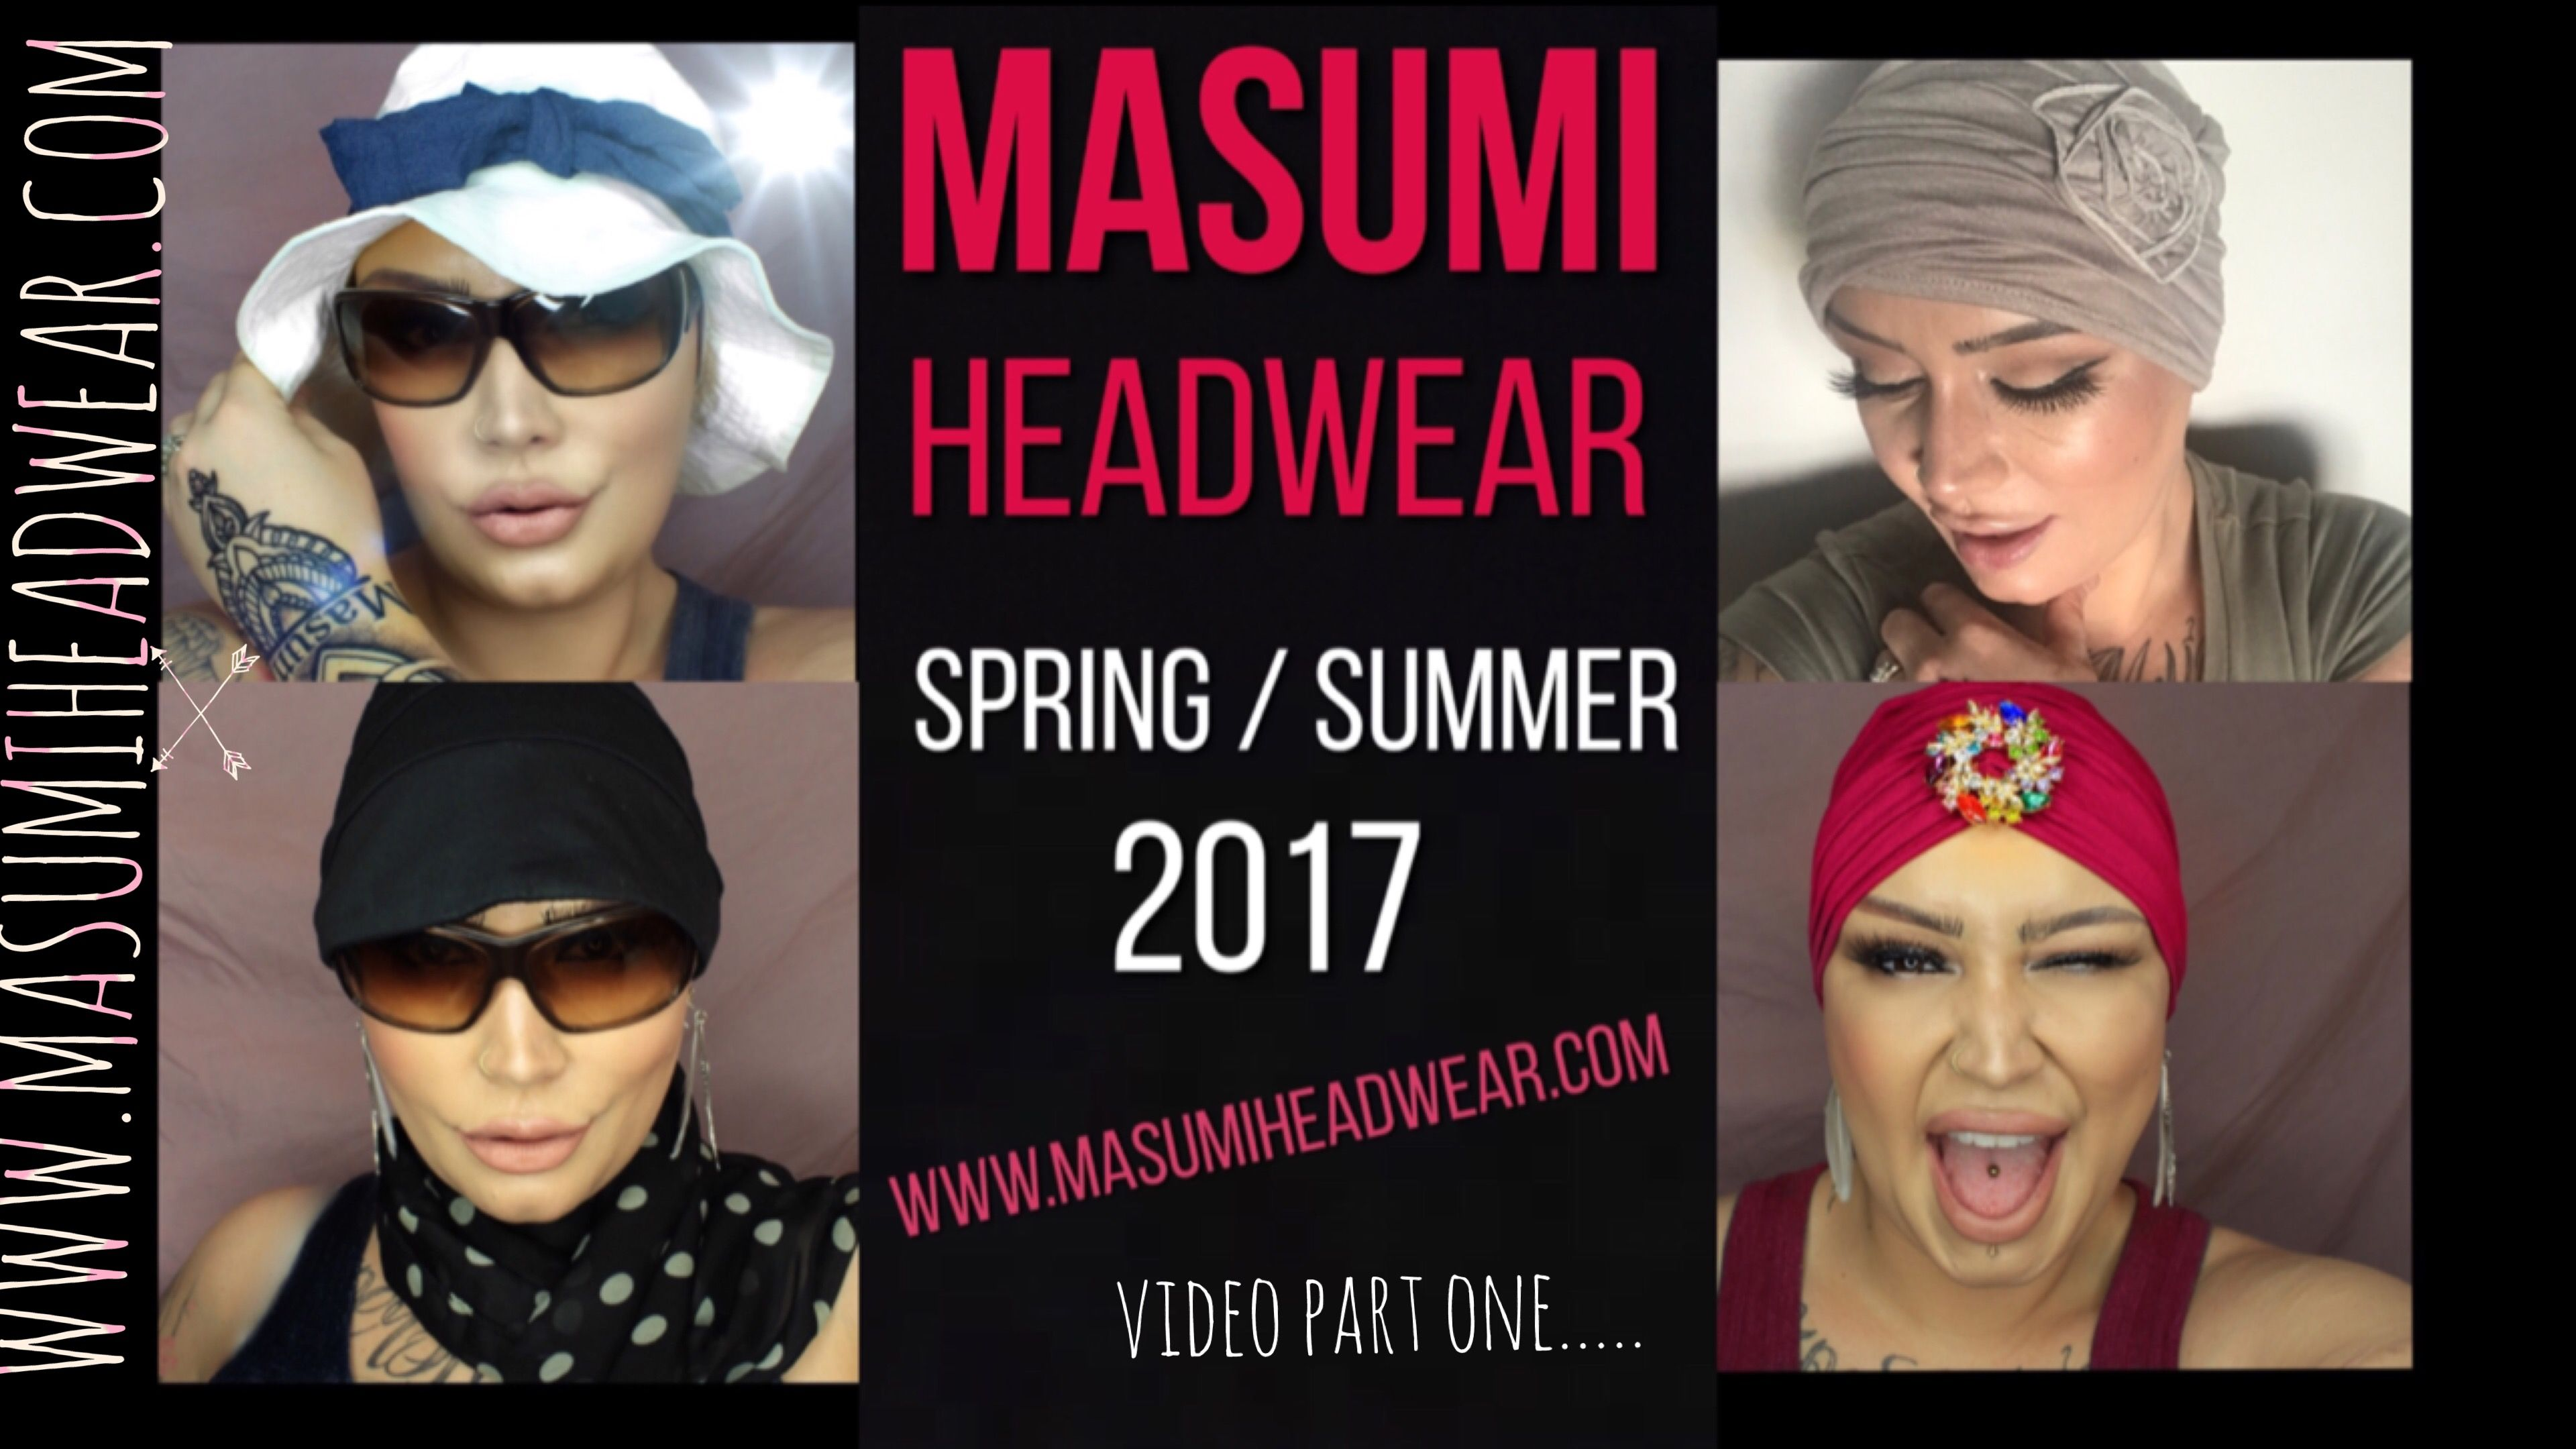 www.MASUMIHEADWEAR.com